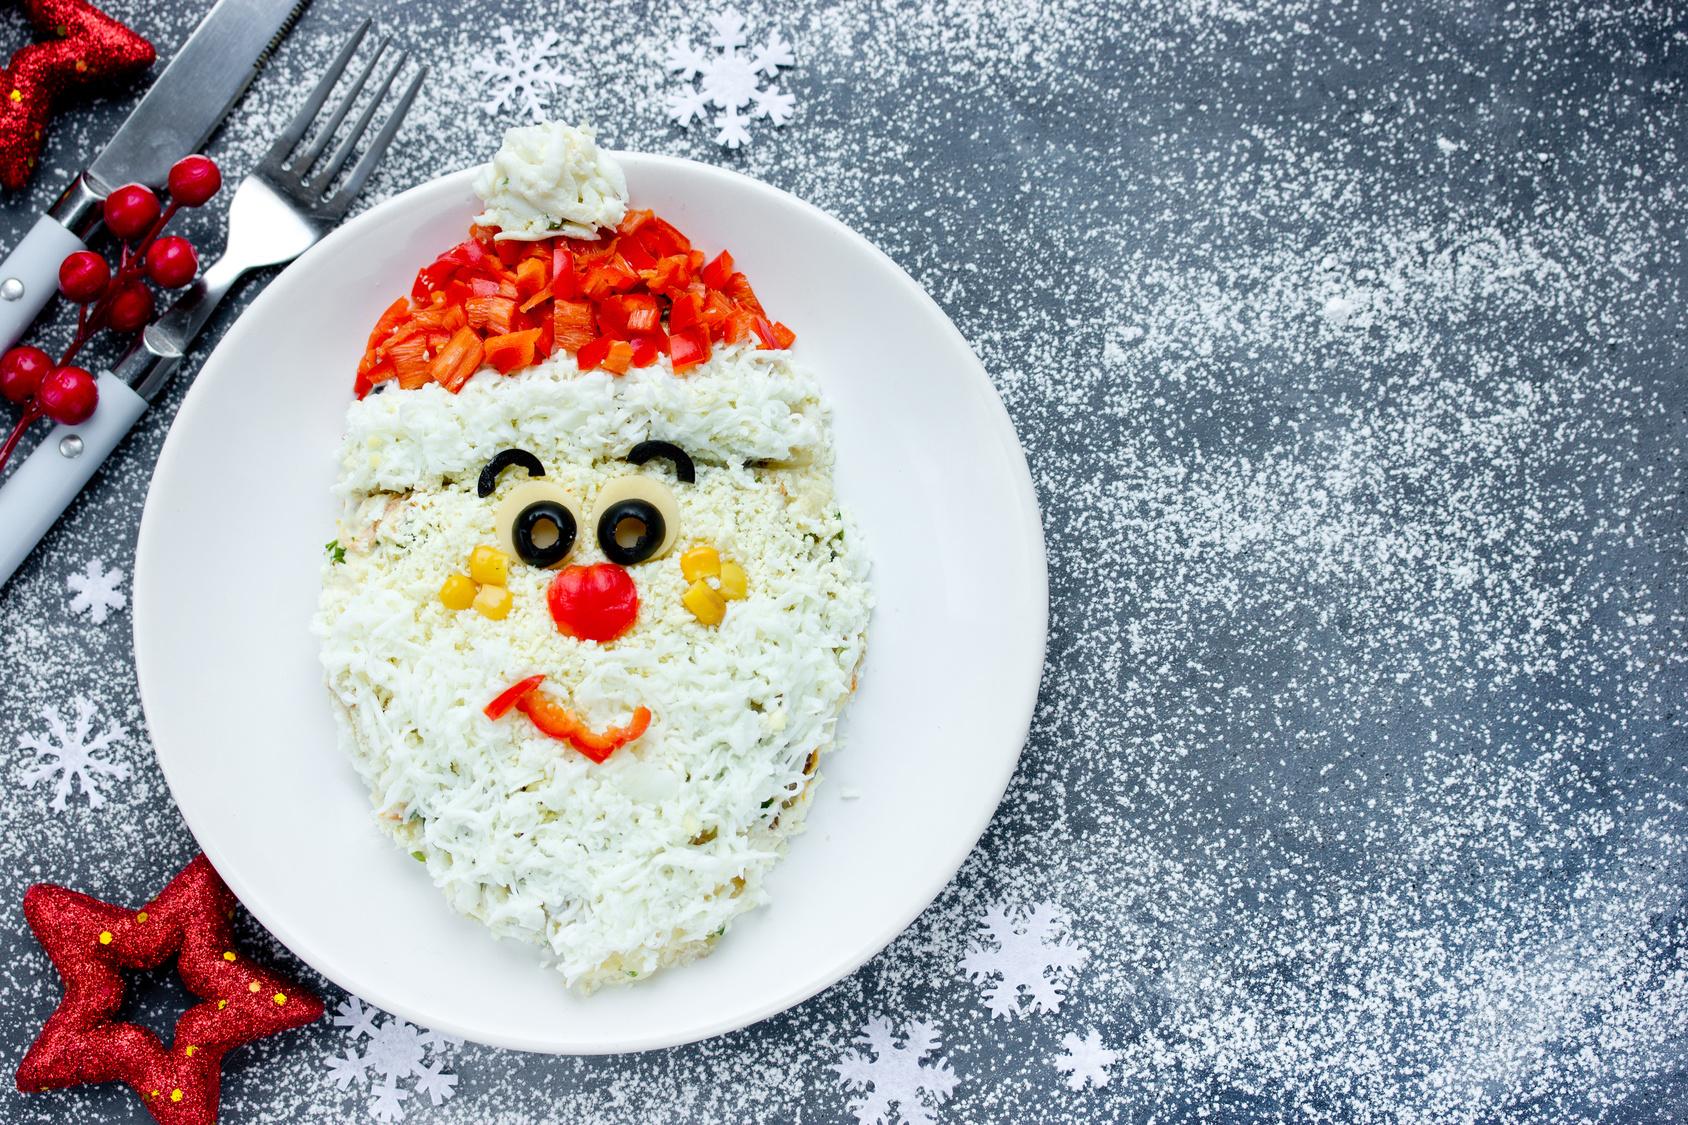 Christmas Santa Claus face salad for holiday dinner , Christmas food art idea